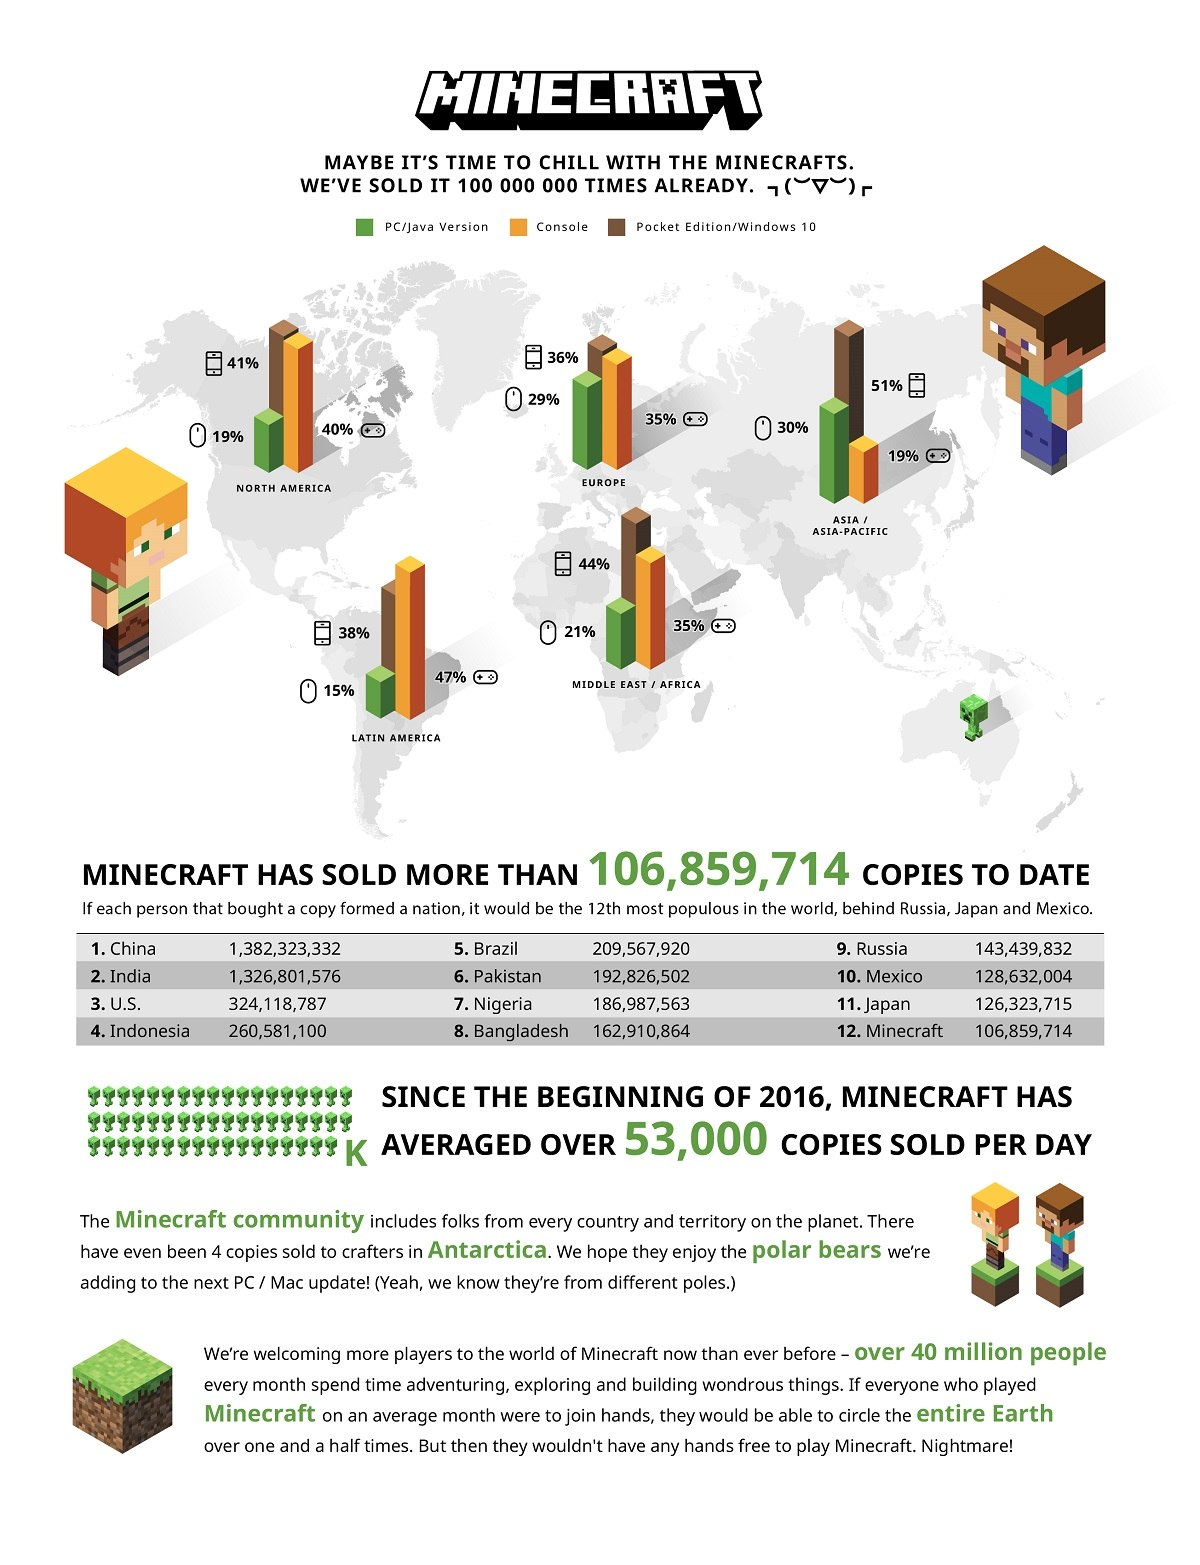 minecraft statystyki sprzedazy 2016 infografika